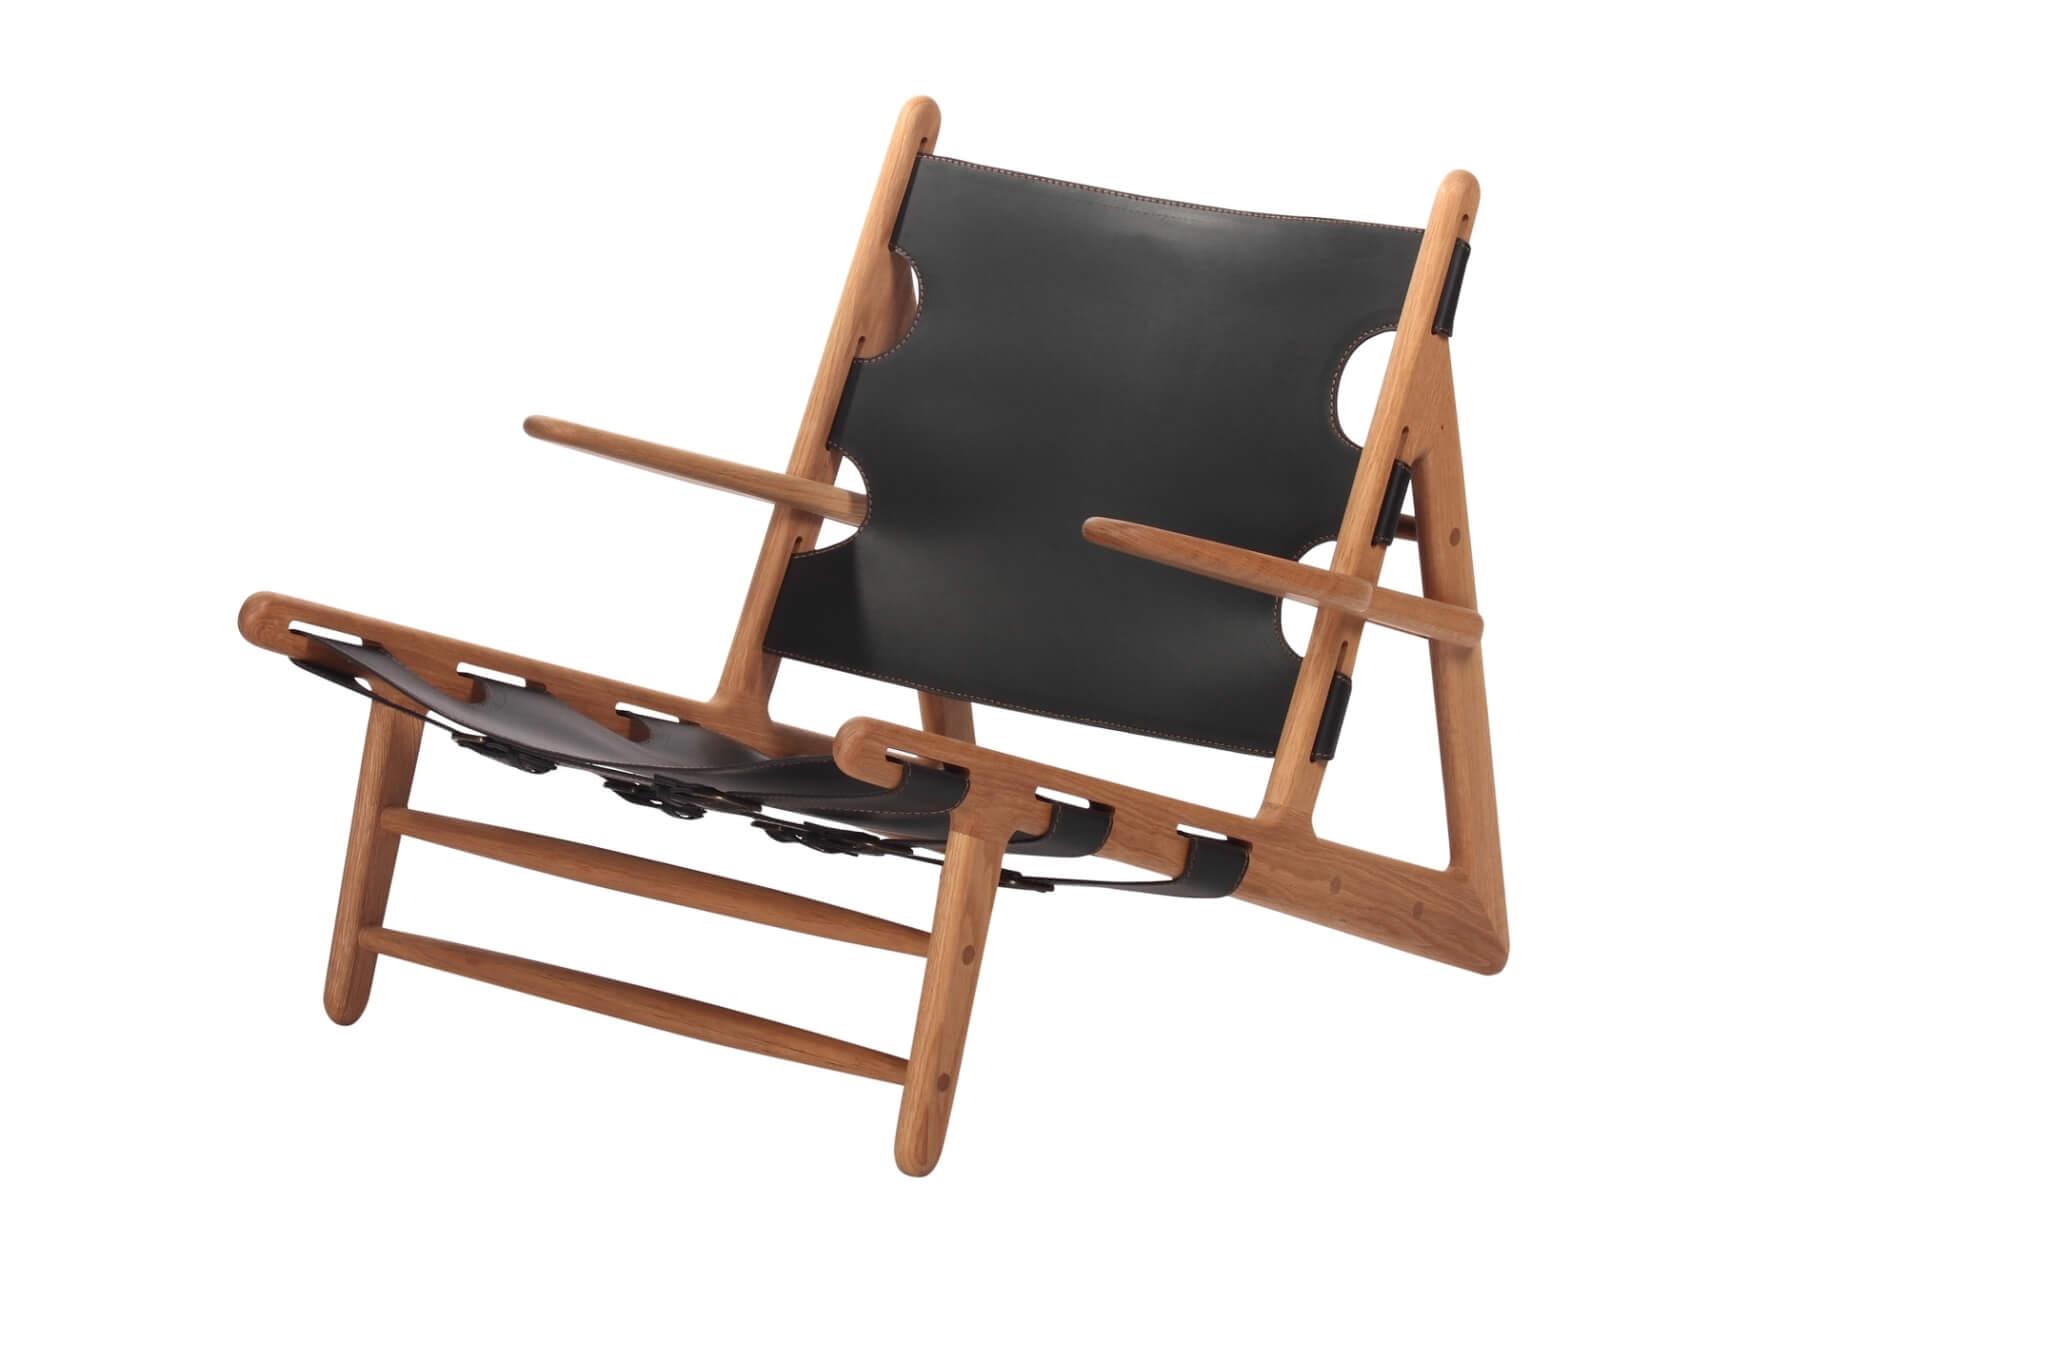 北歐風格木製單椅設計 HOT CHAIR